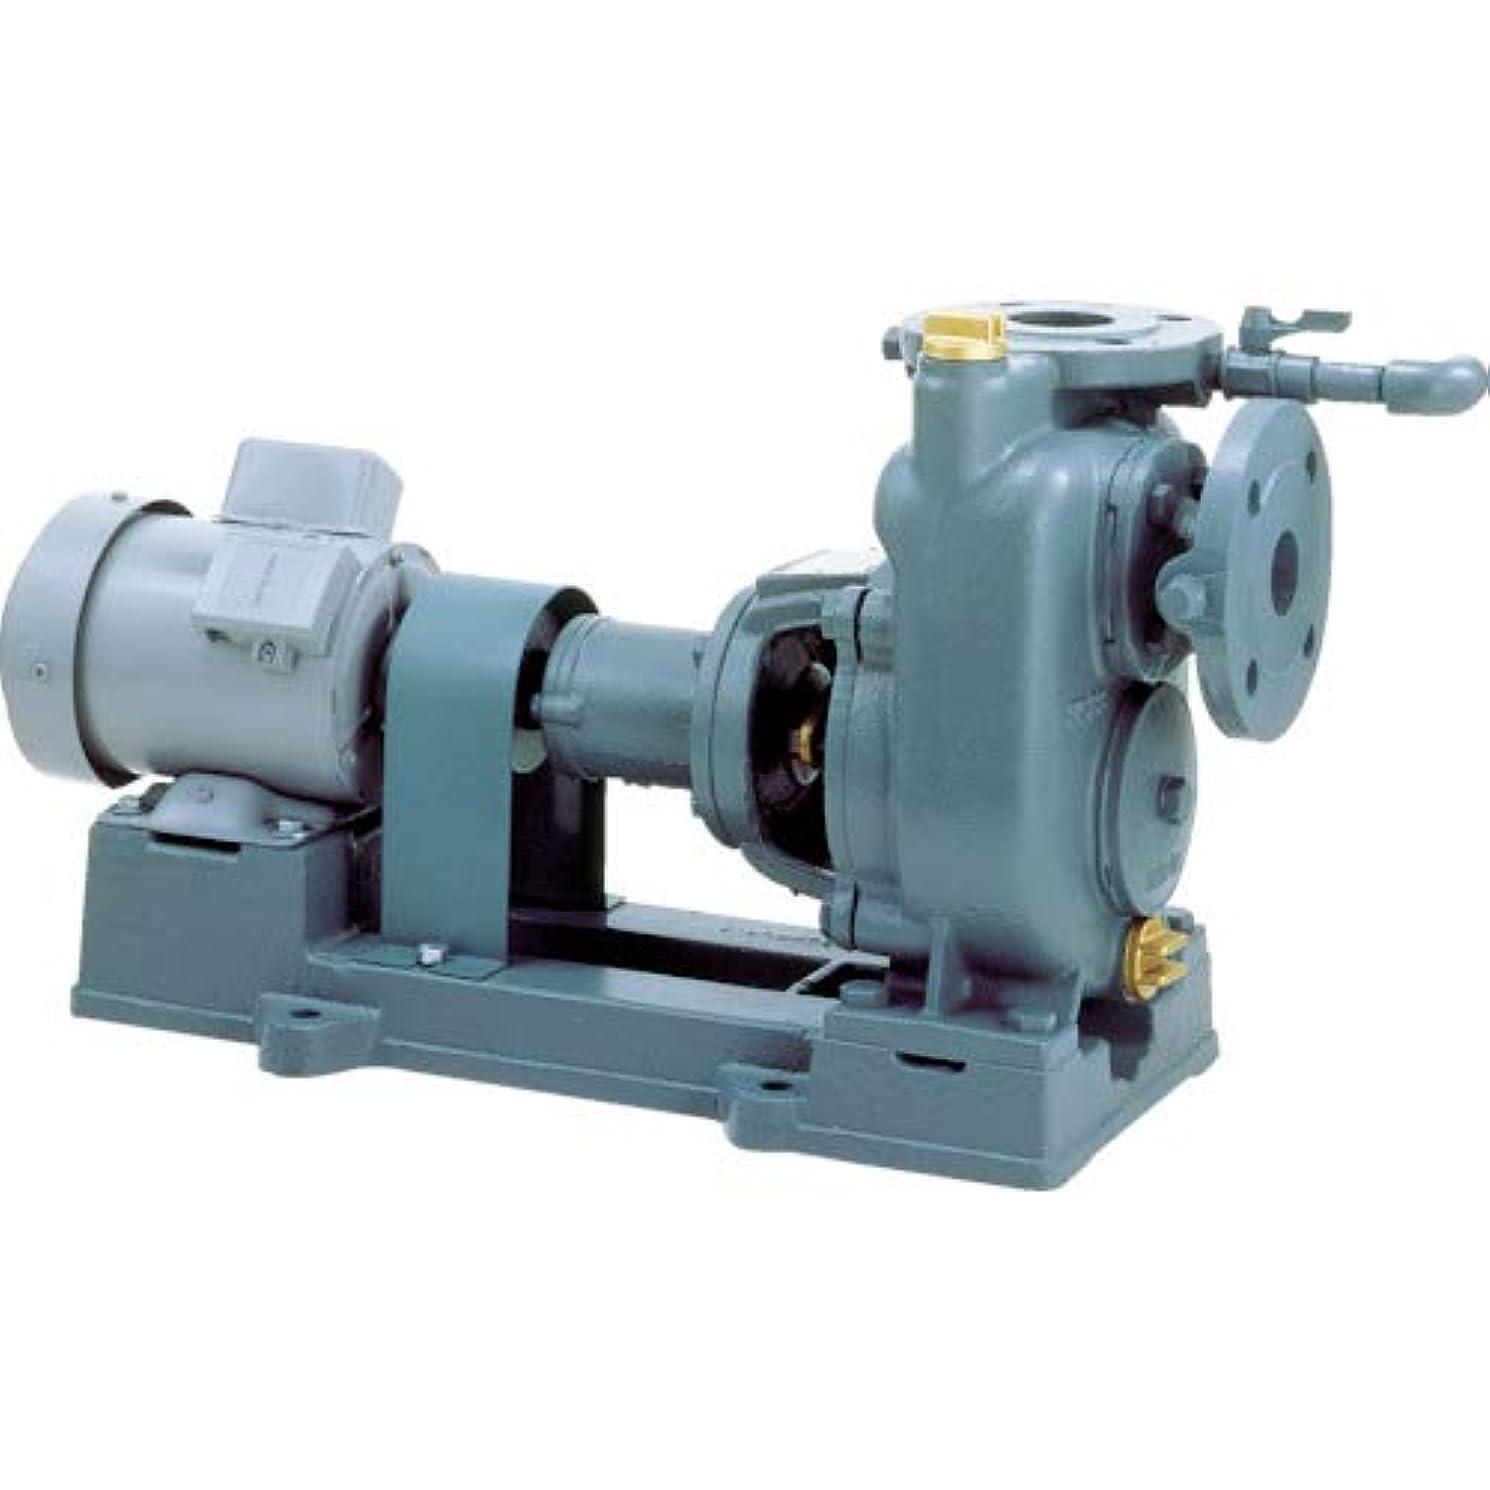 同様に船酔い違反テラル 自吸式渦巻きポンプ三相200 SPL365E320060HZ